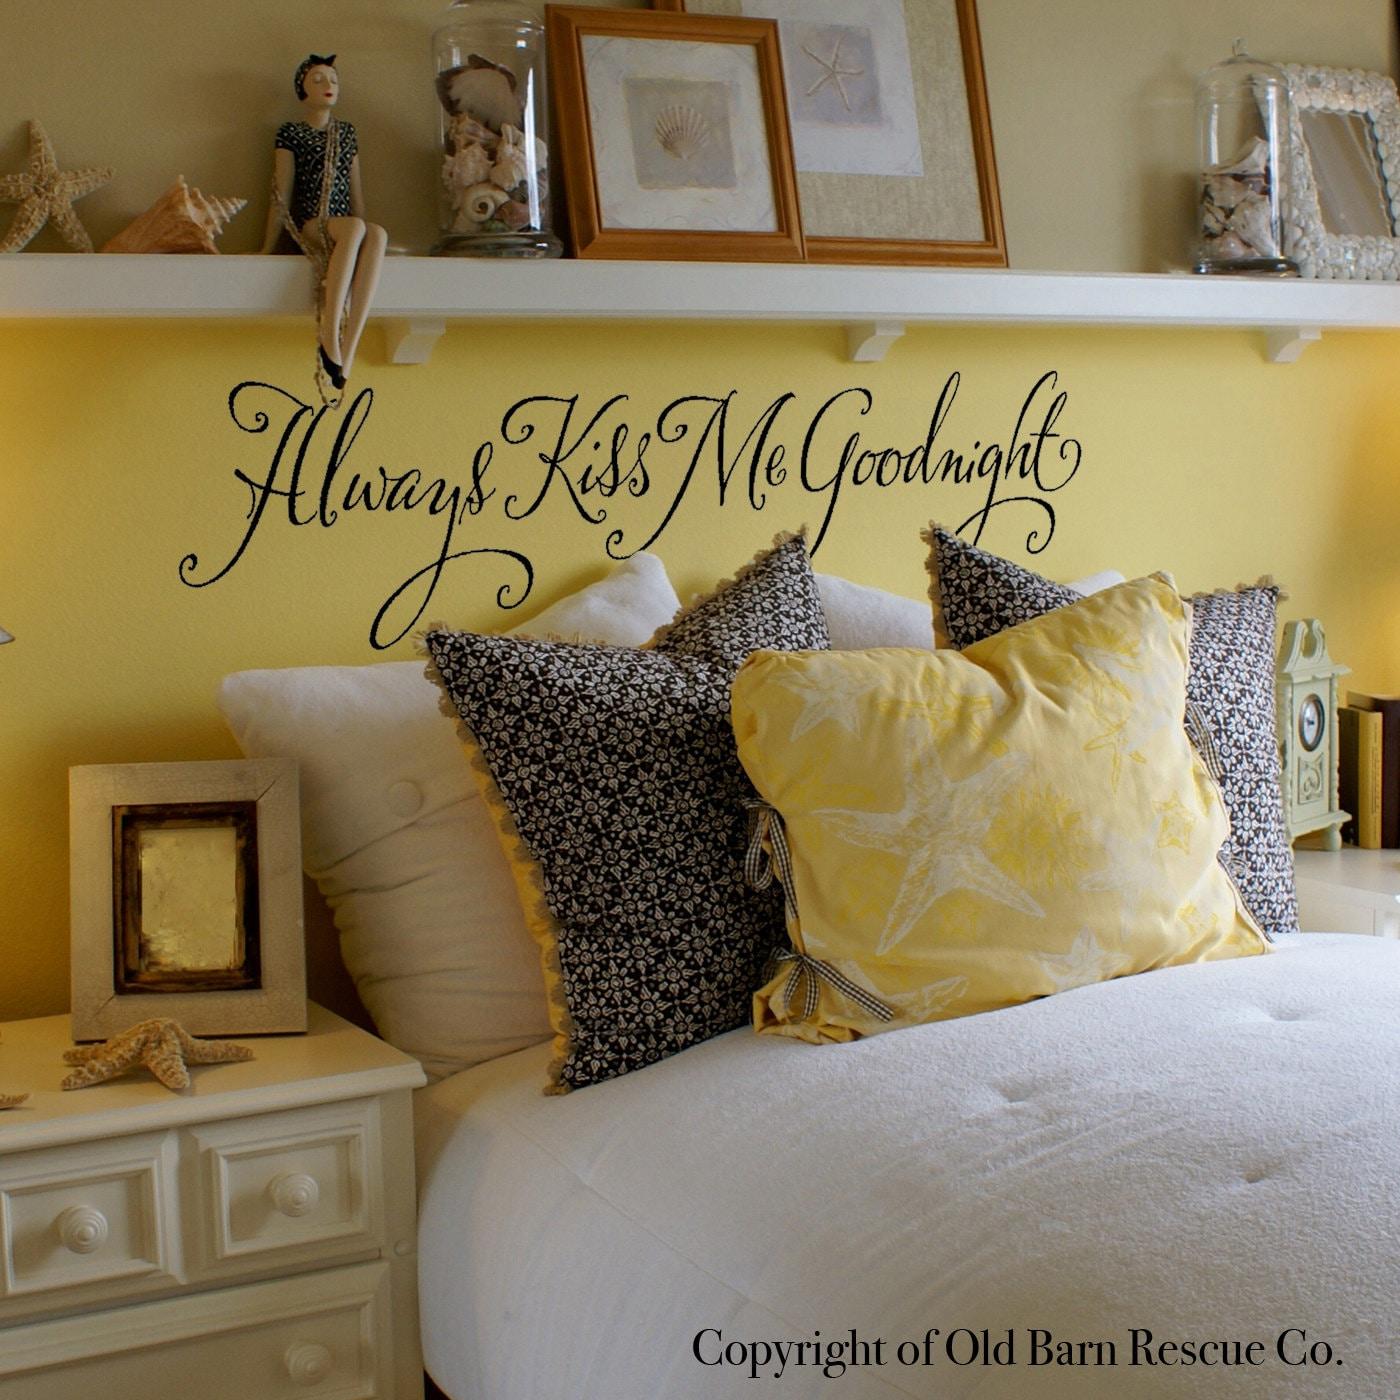 Always Kiss Me Goodnight Romantic Wall By Oldbarnrescuecompany